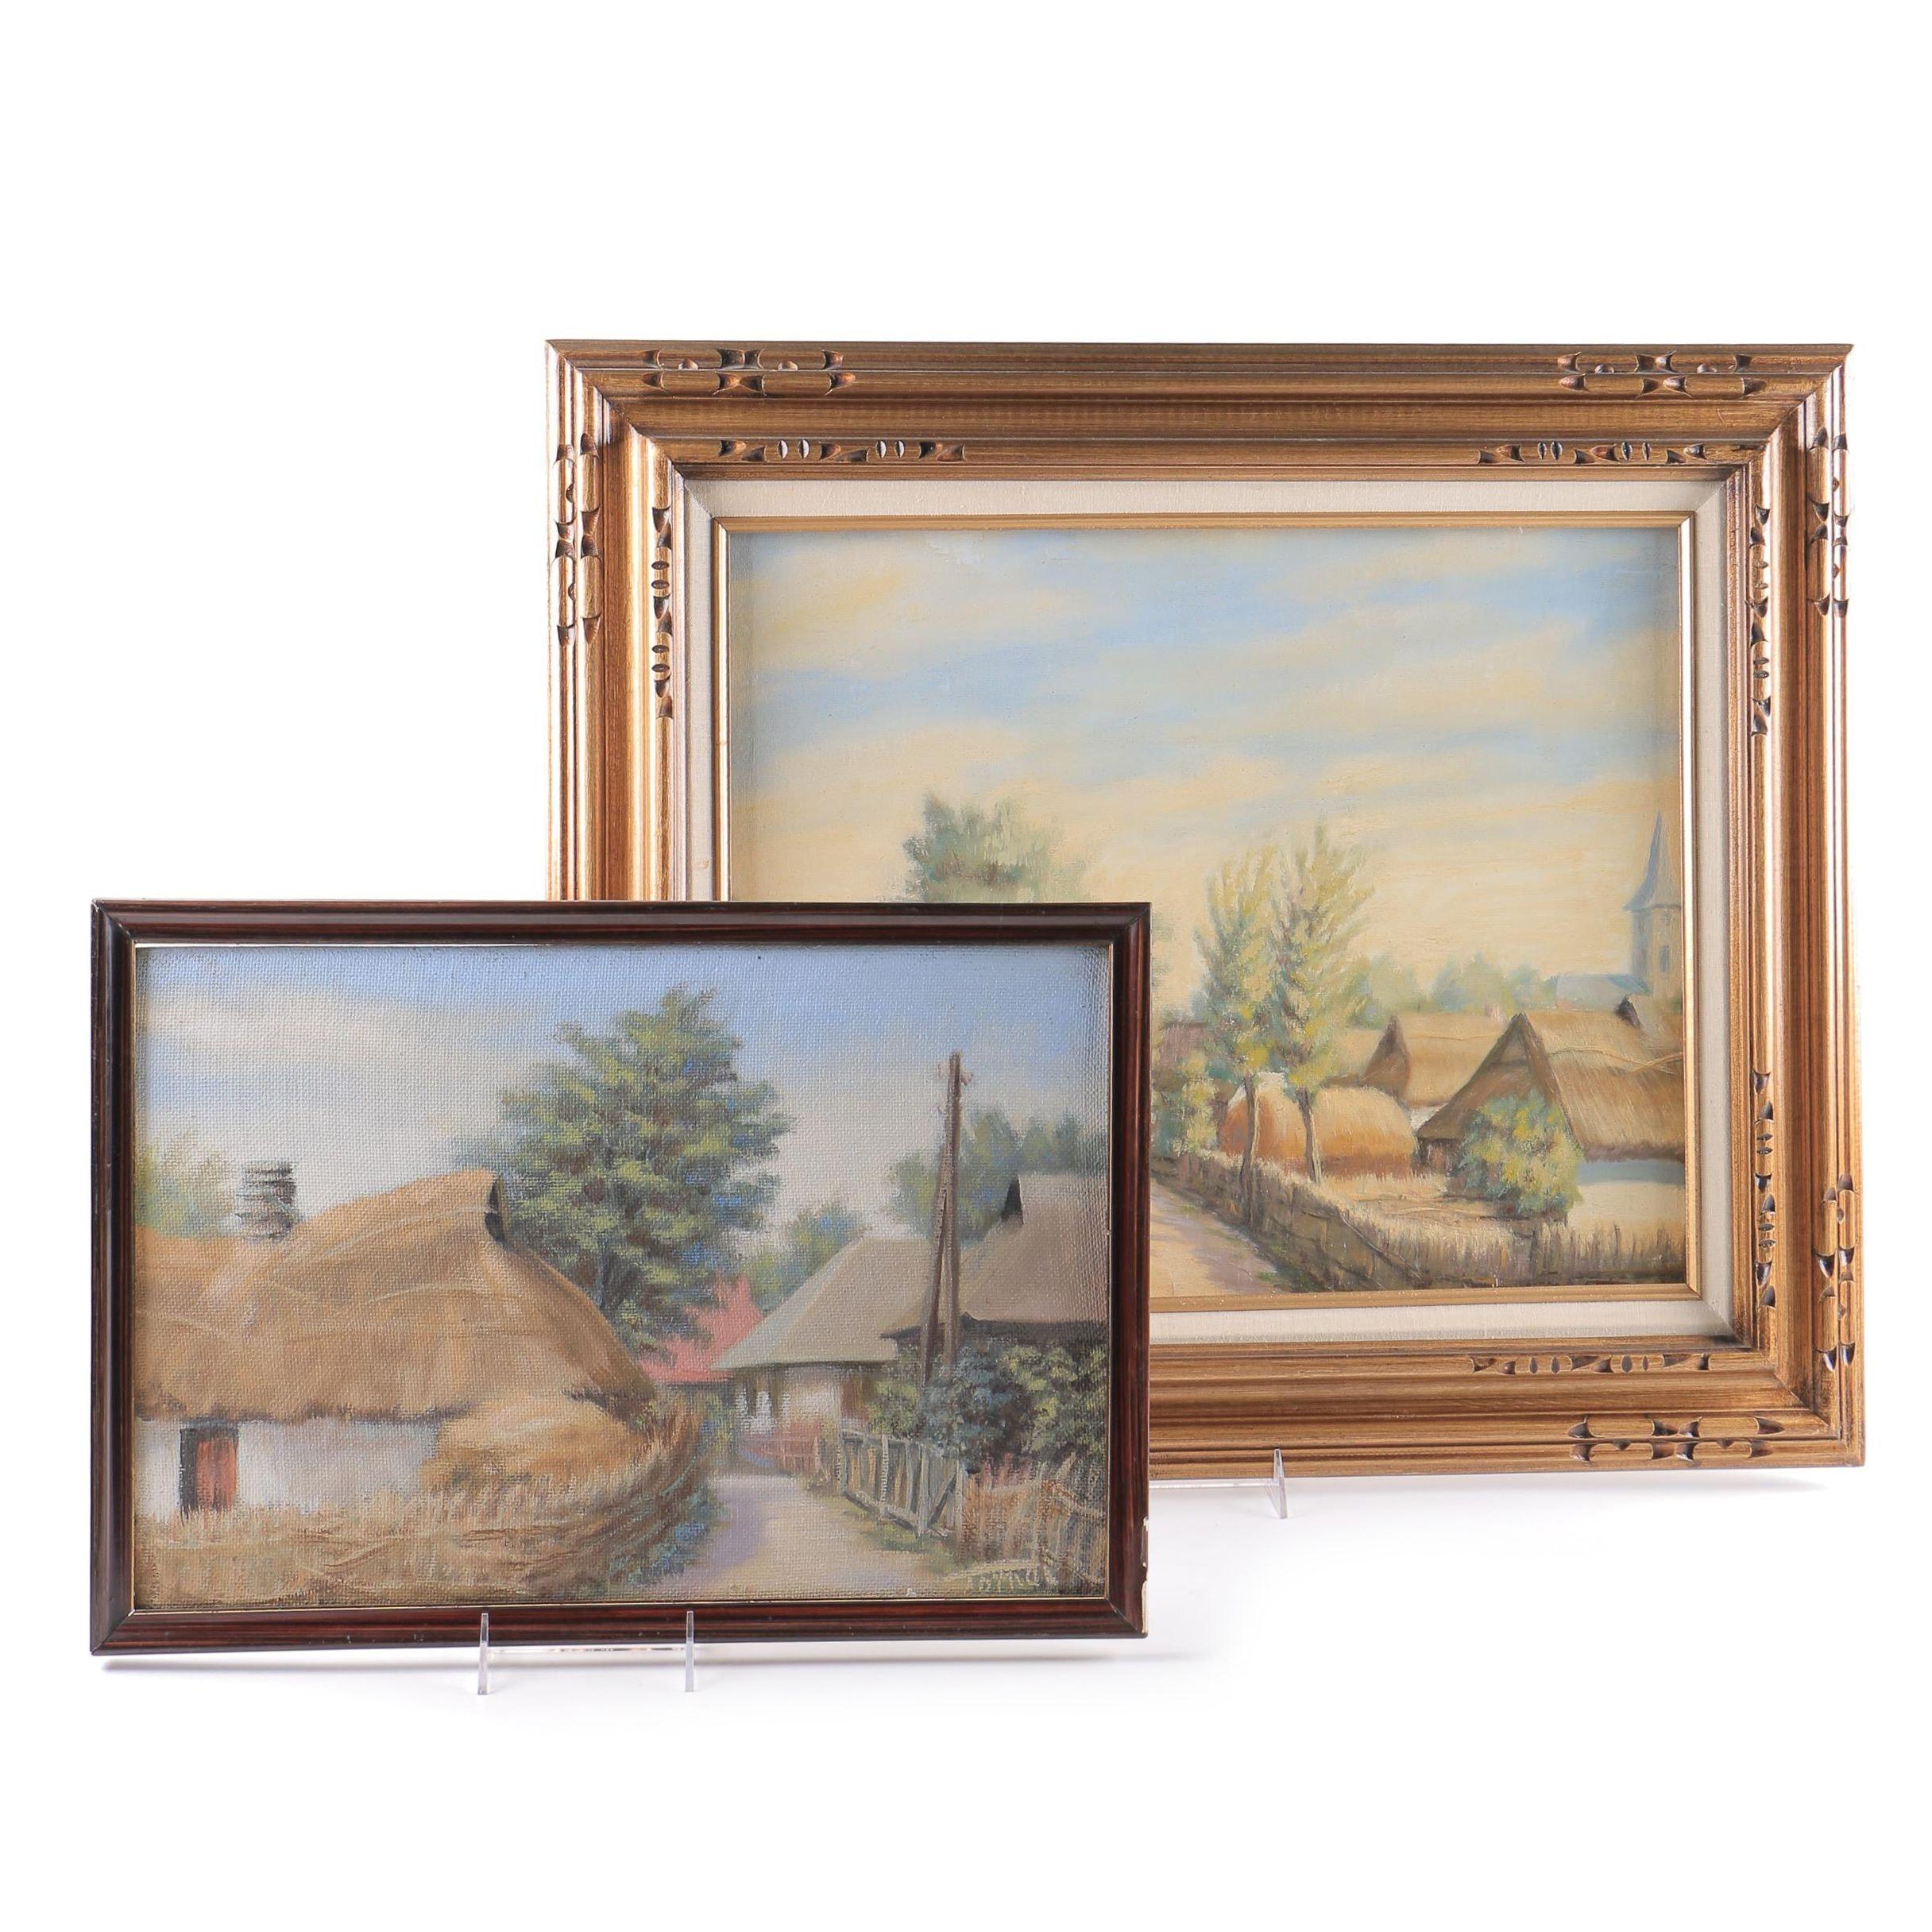 Original Oil on Board Paintings of Village Scenes